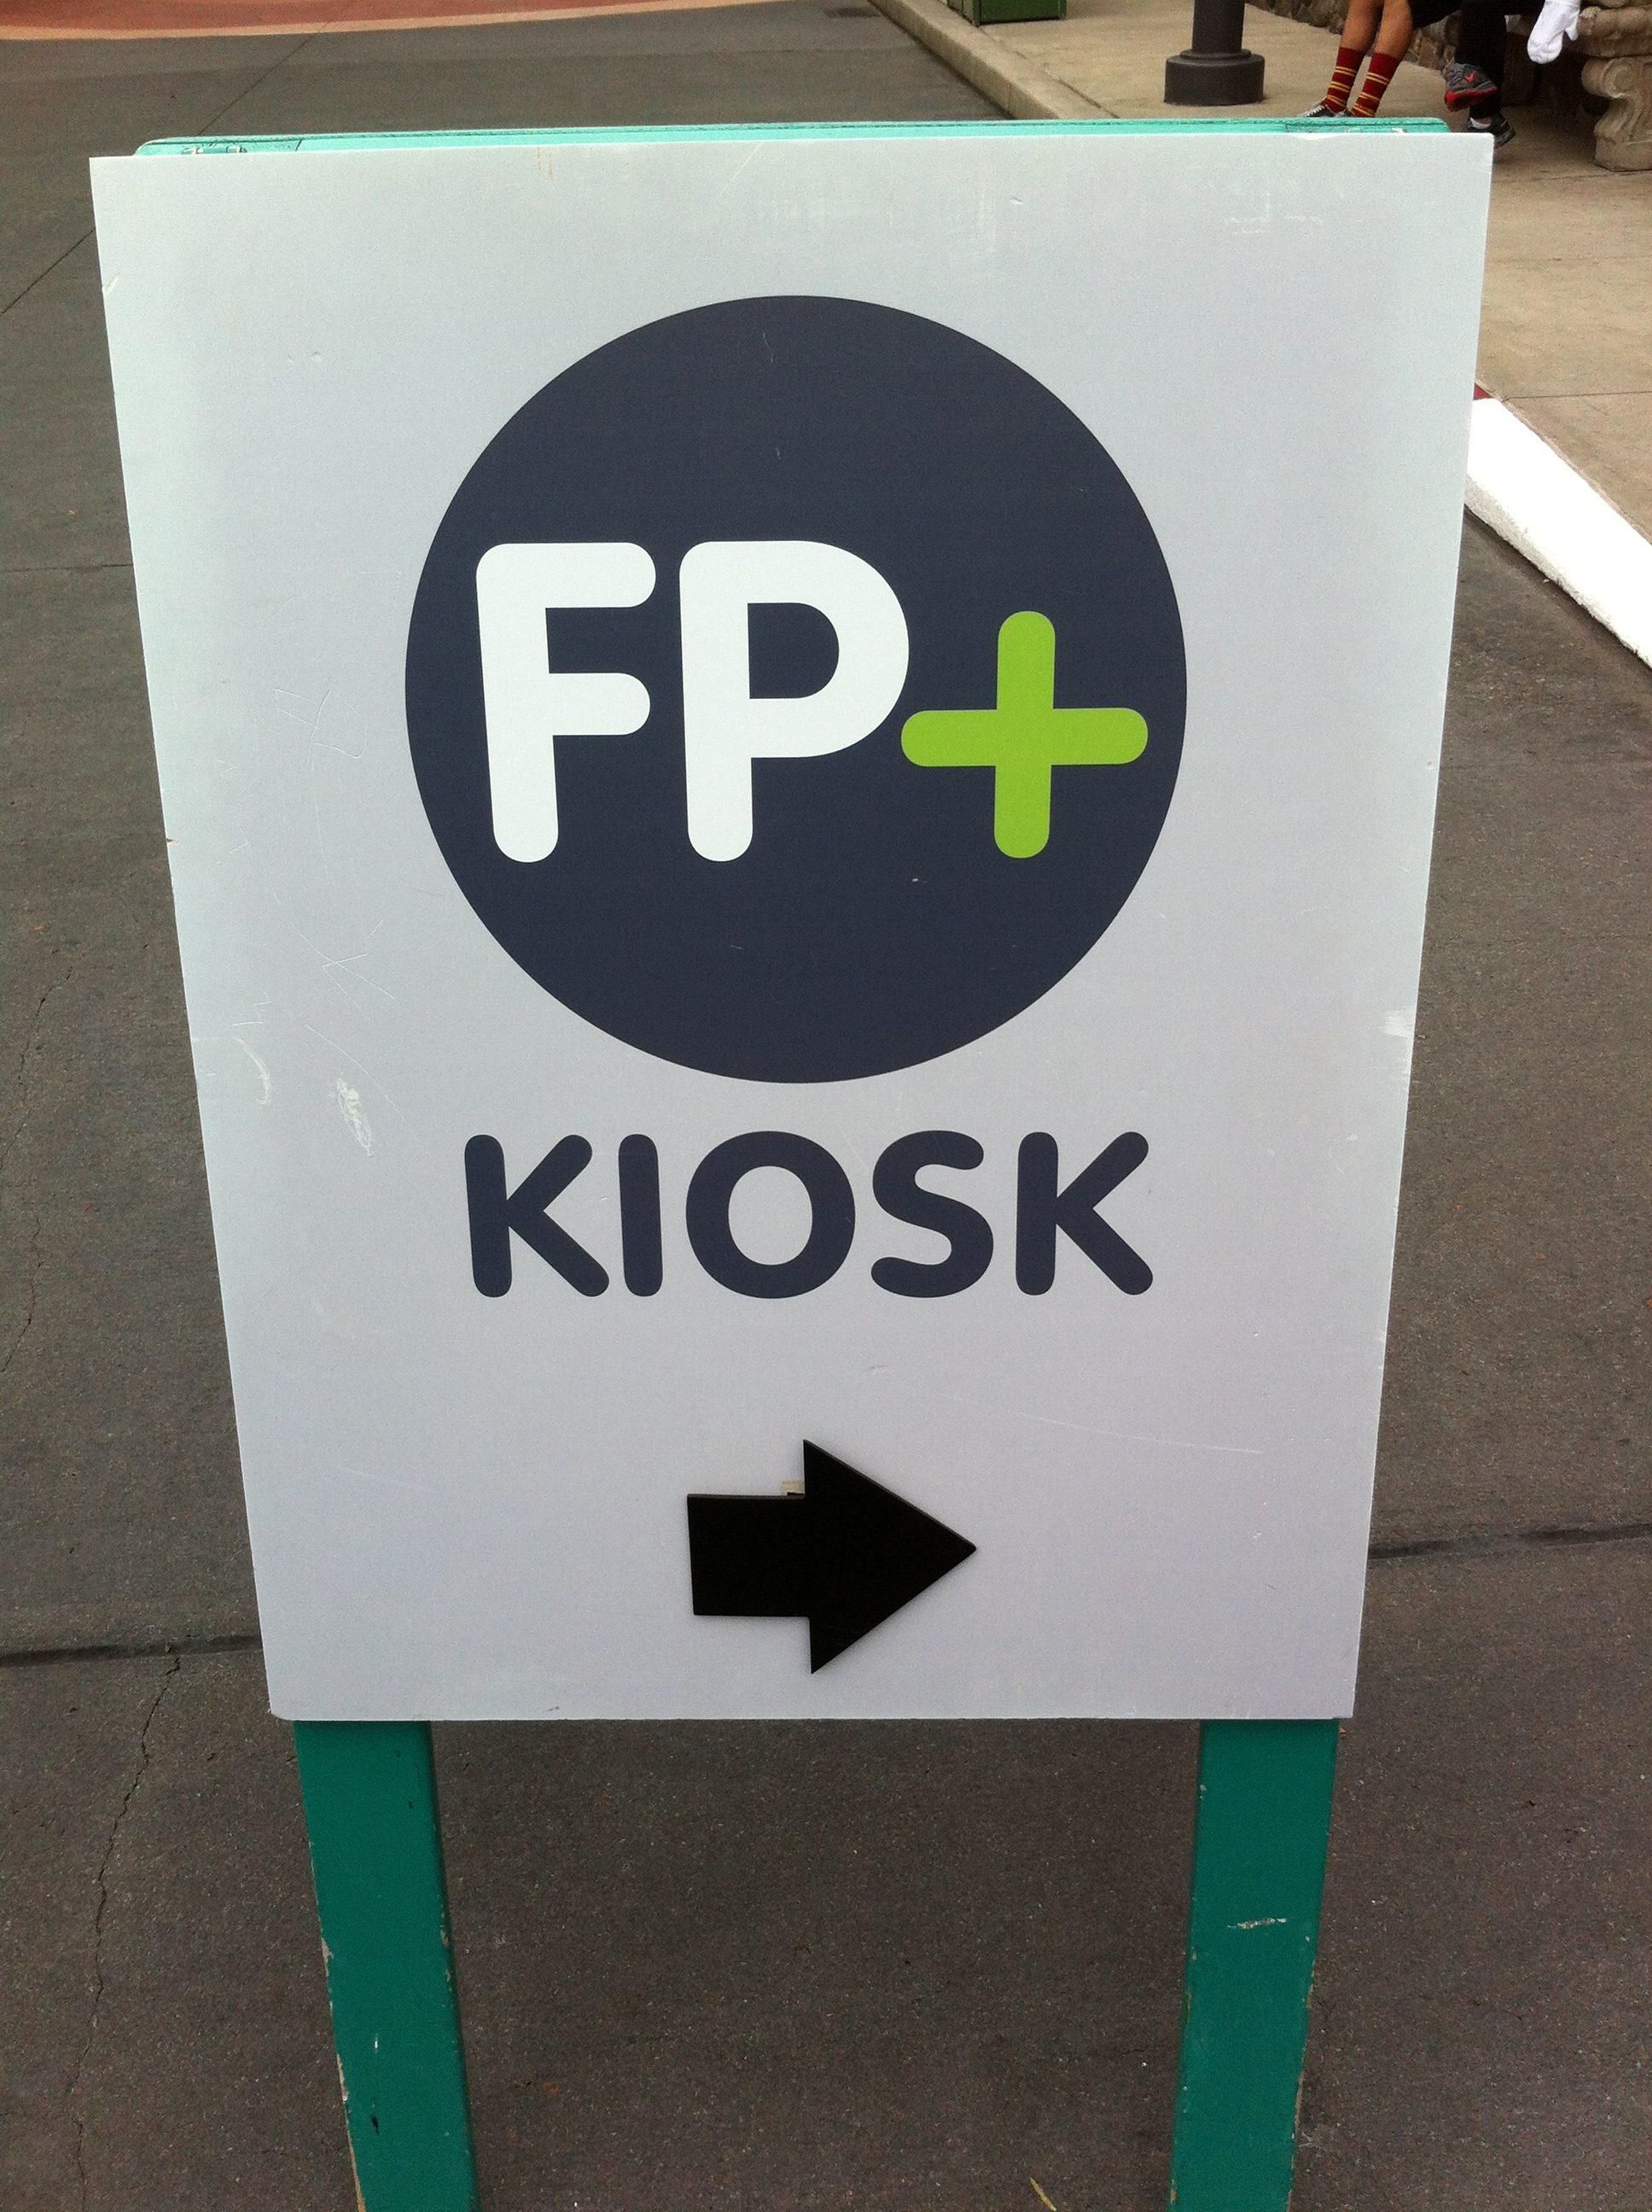 FastPass+ sign